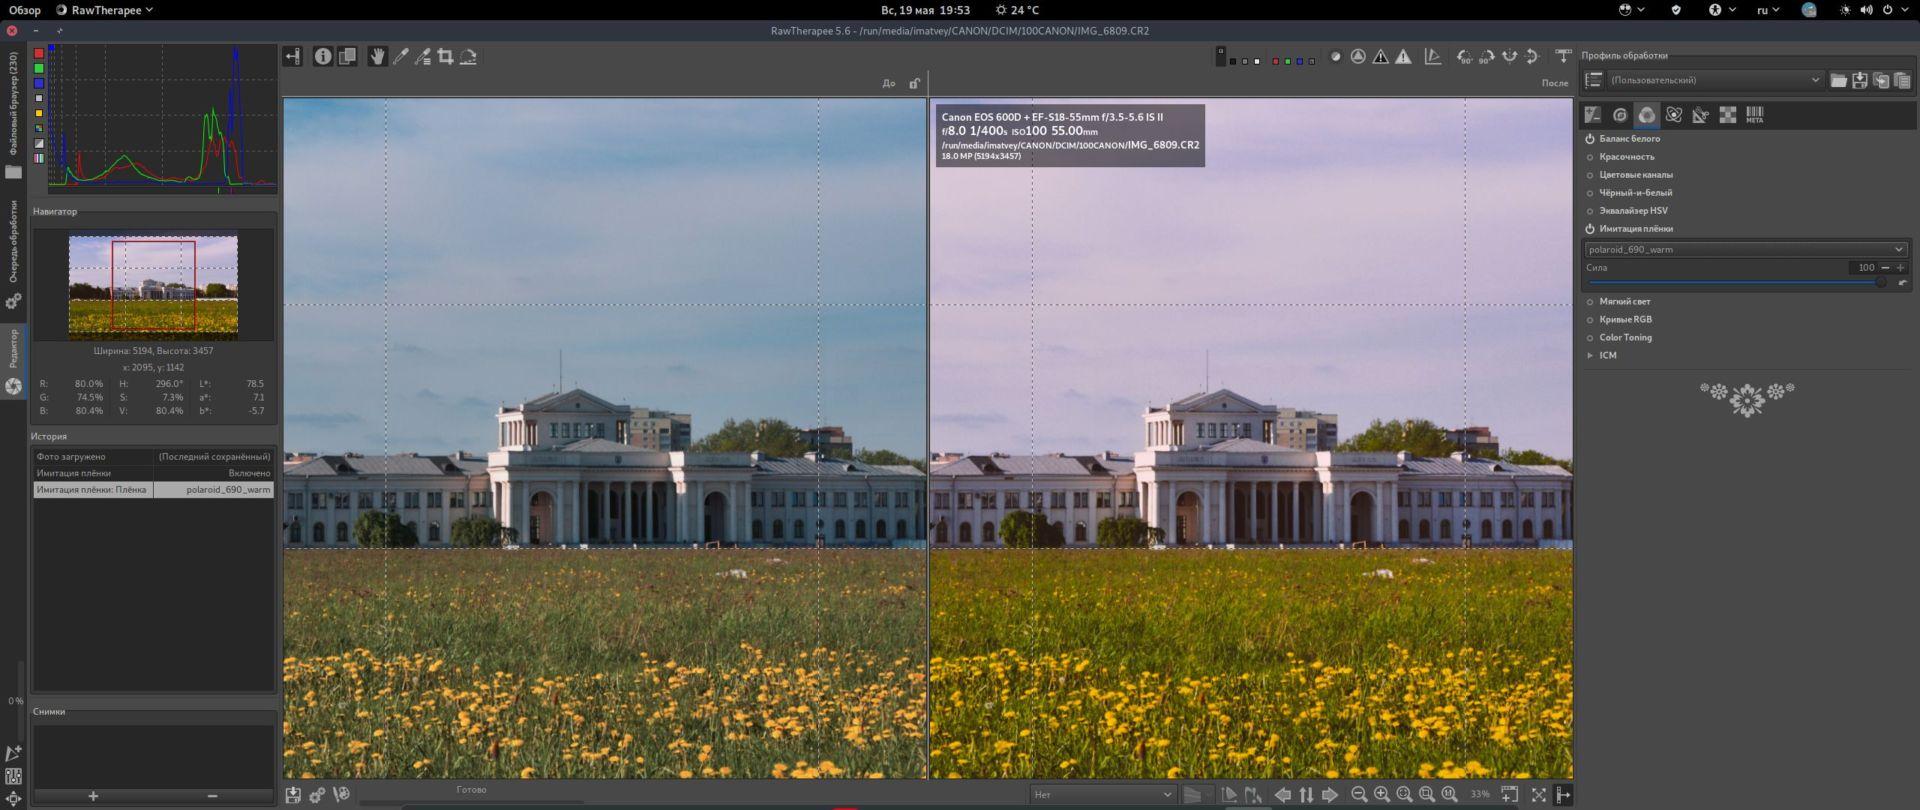 Пример фотографии с применённым профилем HaldCLUT